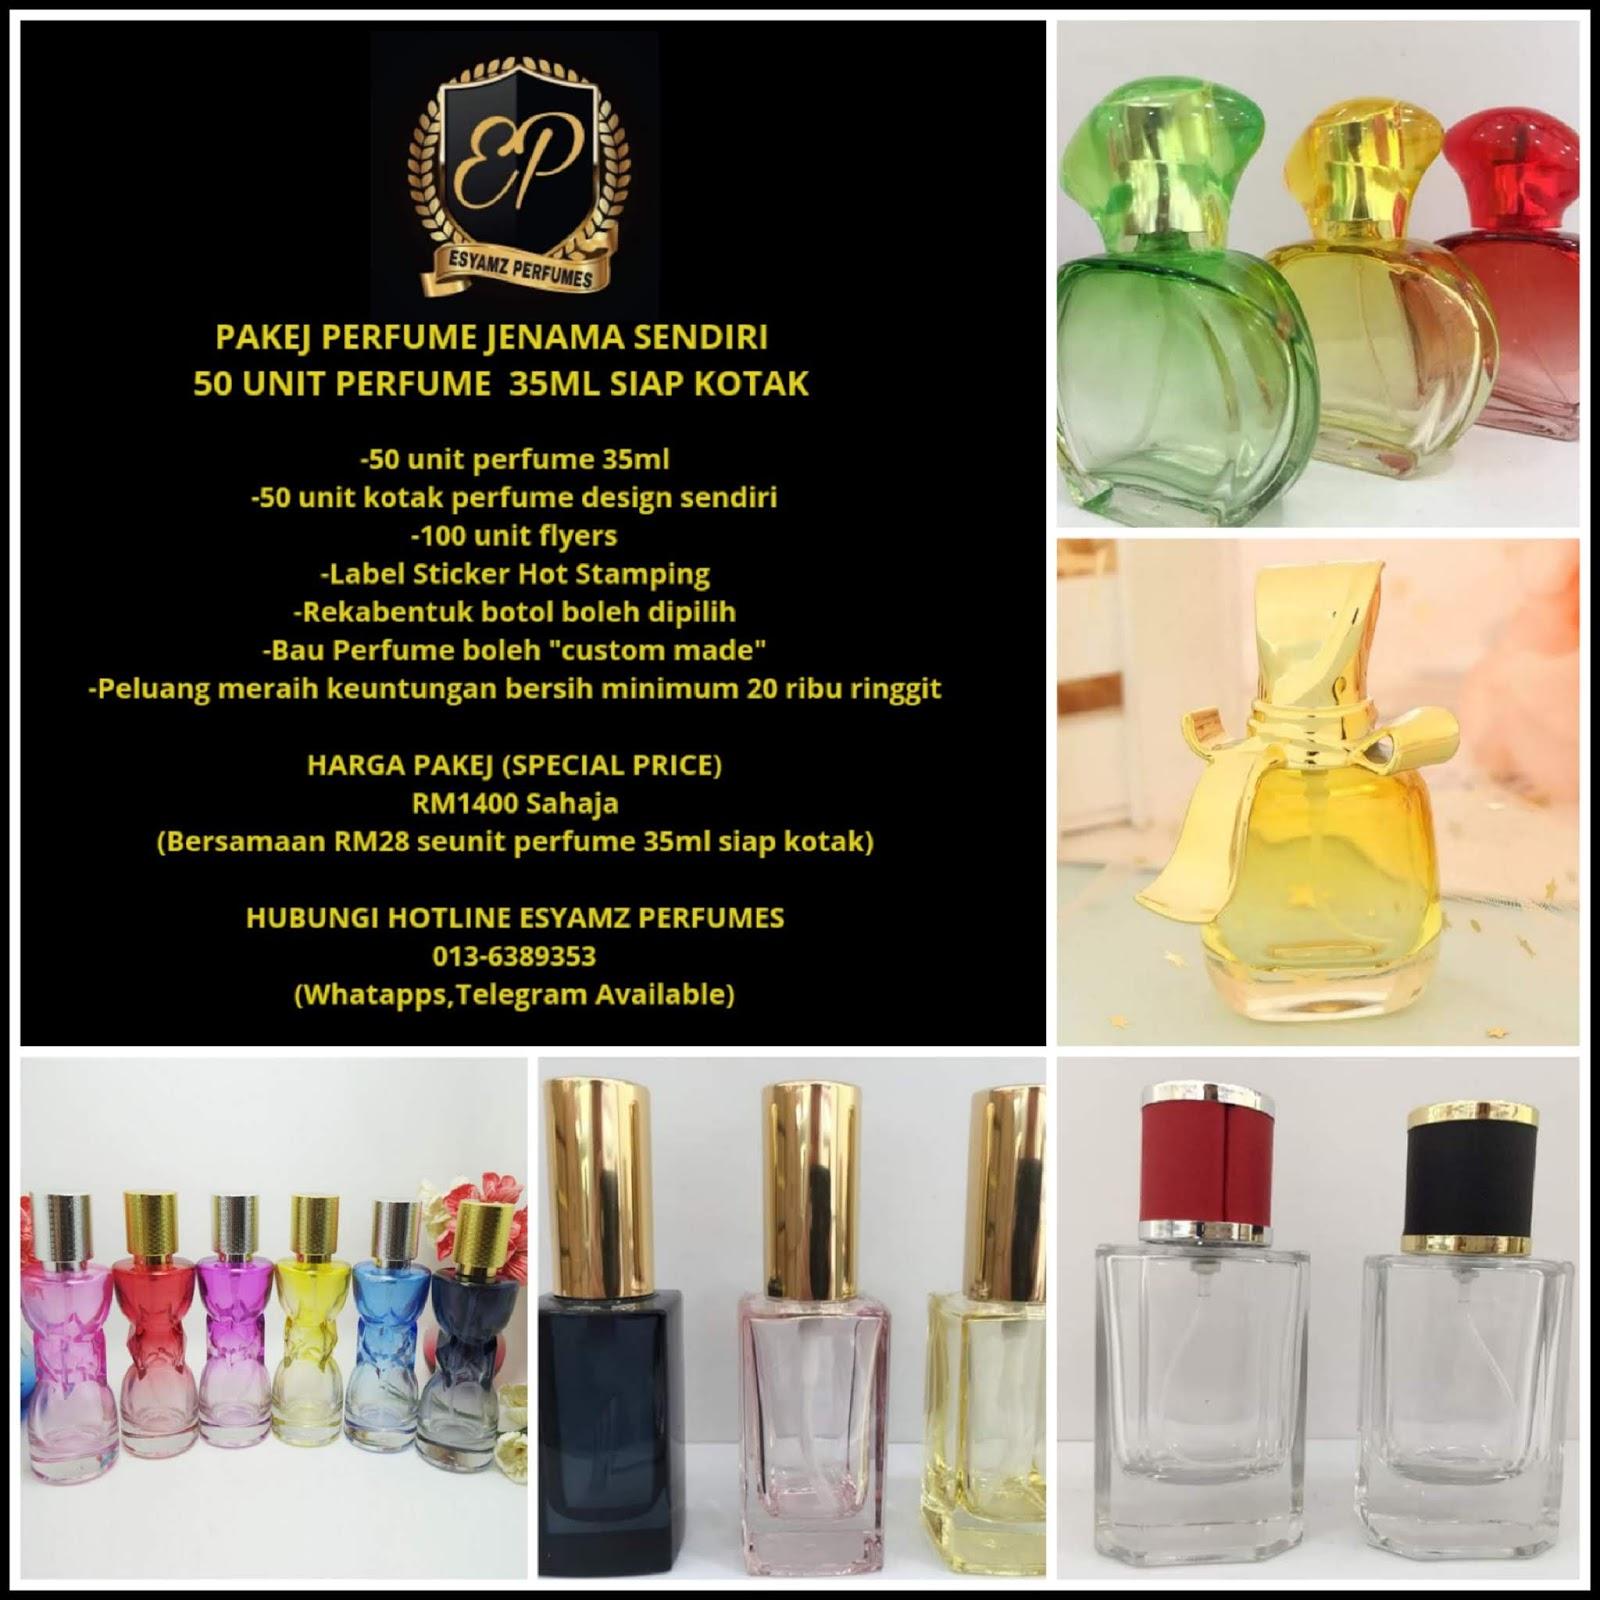 Buat tanda tangan anda sendiri perfume aroma. Pakej Perfume Jenama Sendiri Serendah 50 Unit Sahaja Sis Gee